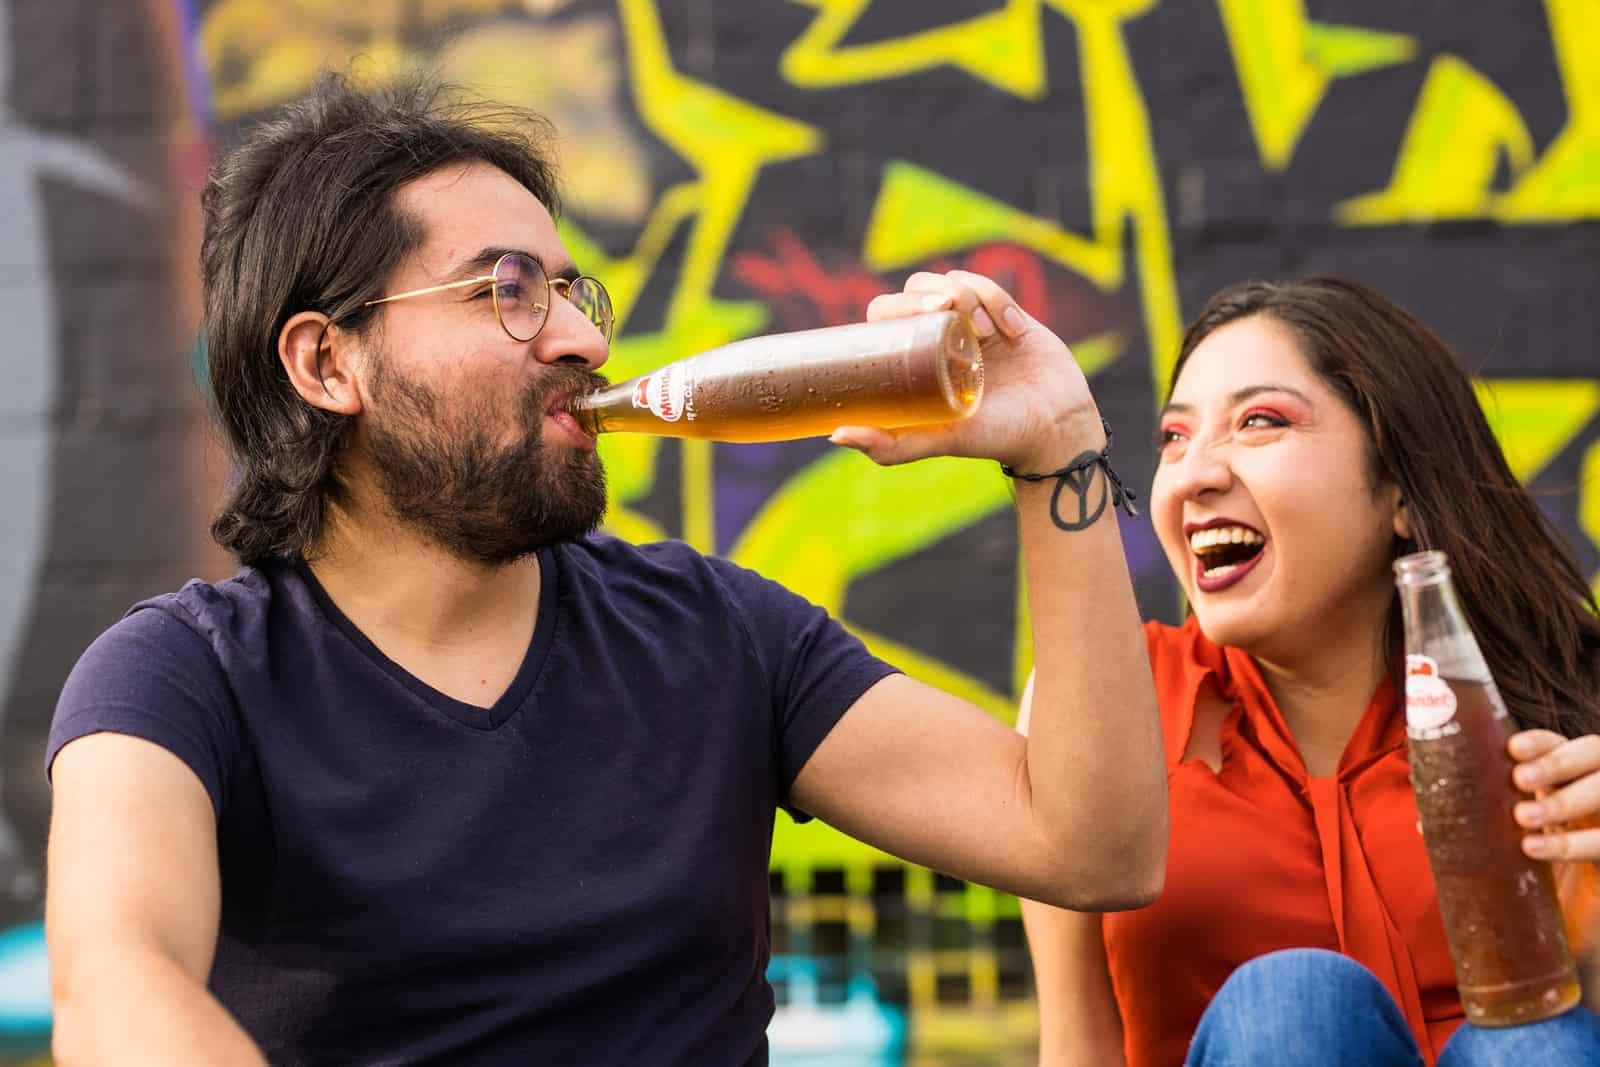 Ein Mann trinkt aus der Flasche in der Nähe der lächelnden Frau, die ihre Flasche mit einem Getränk hält